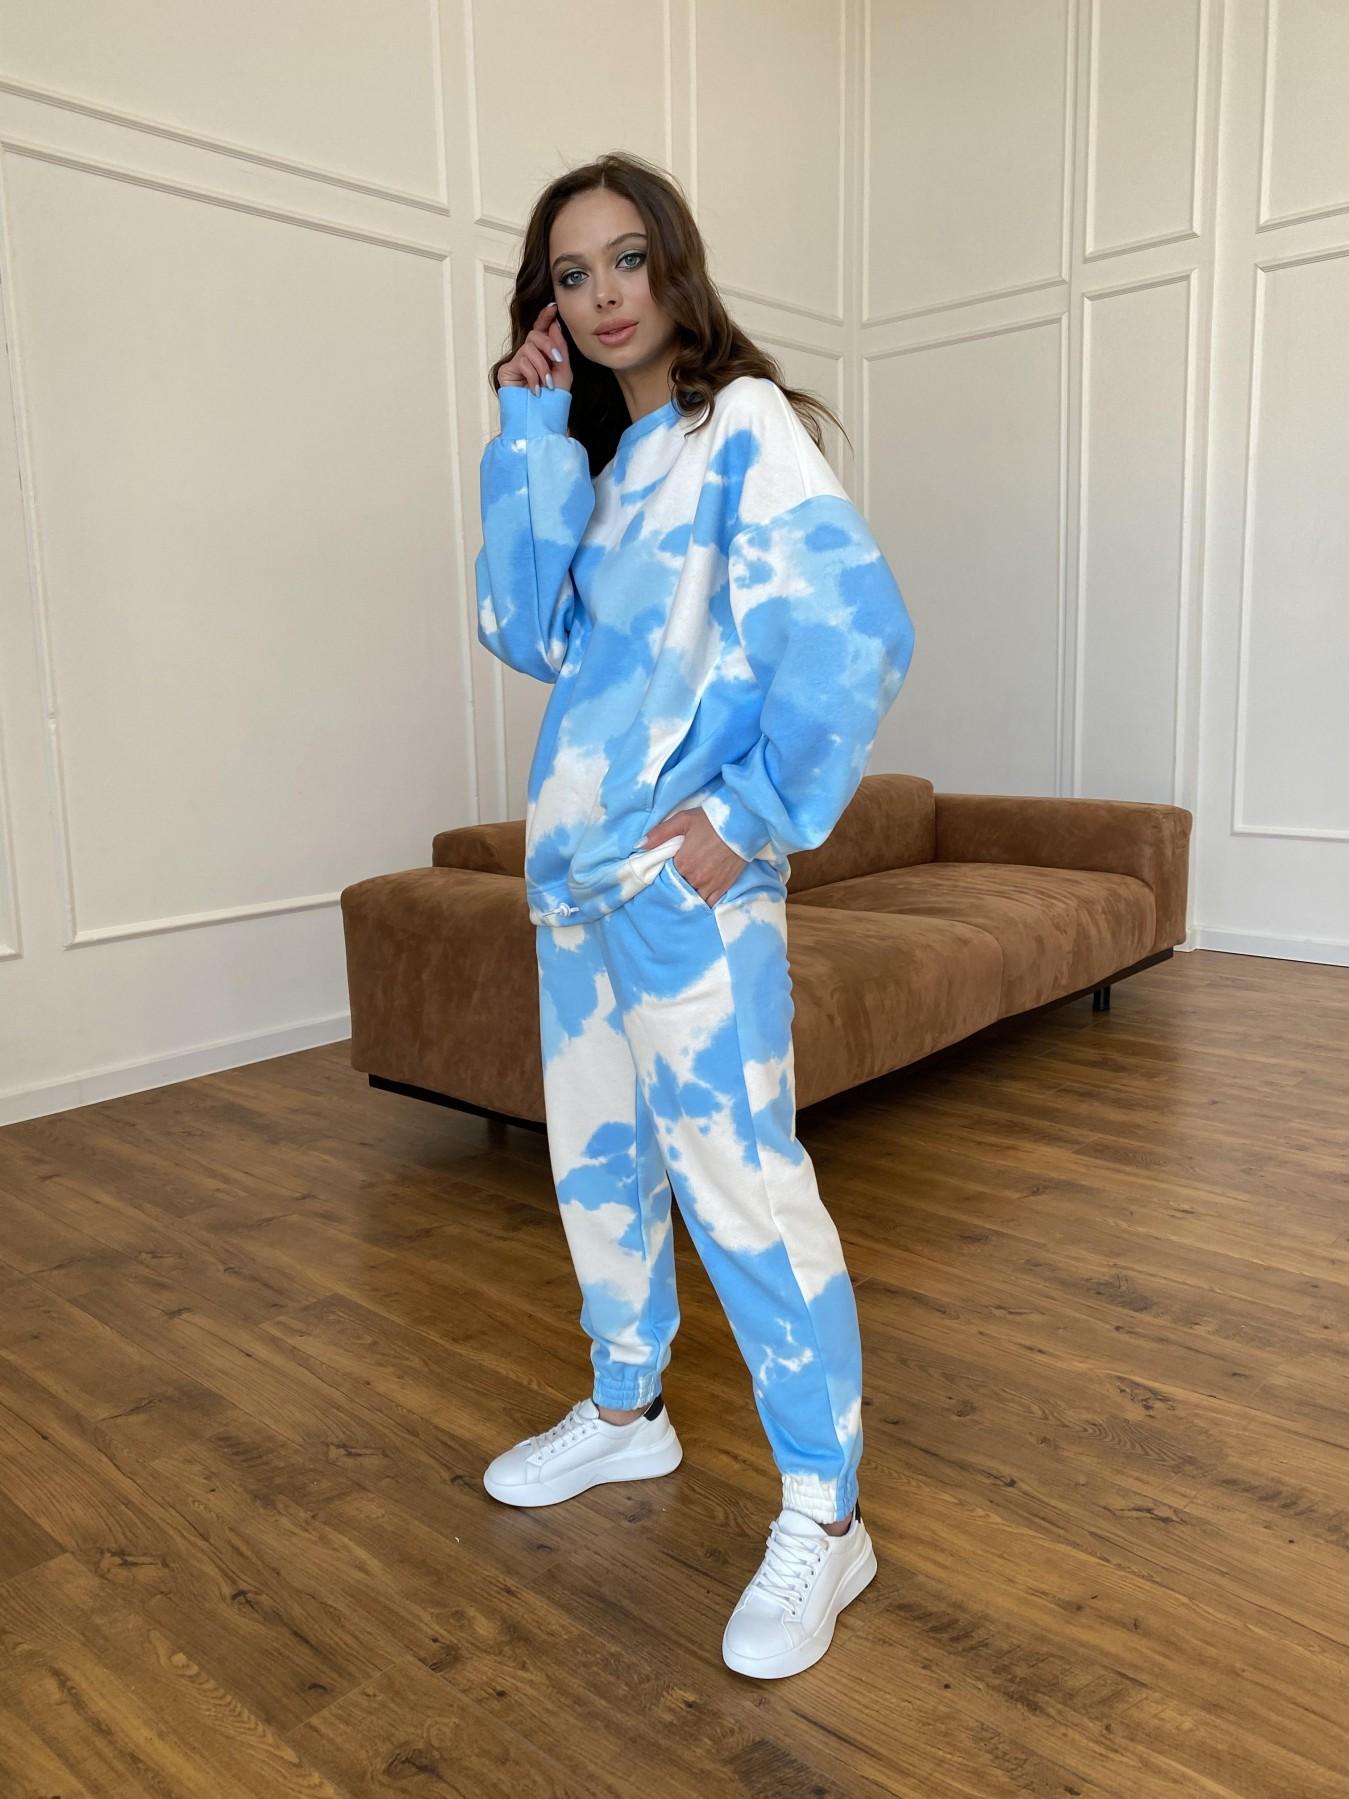 Скай костюм c принтом из 3х нитки 11248 АРТ. 47769 Цвет: Молоко/голубойТайДай - фото 4, интернет магазин tm-modus.ru